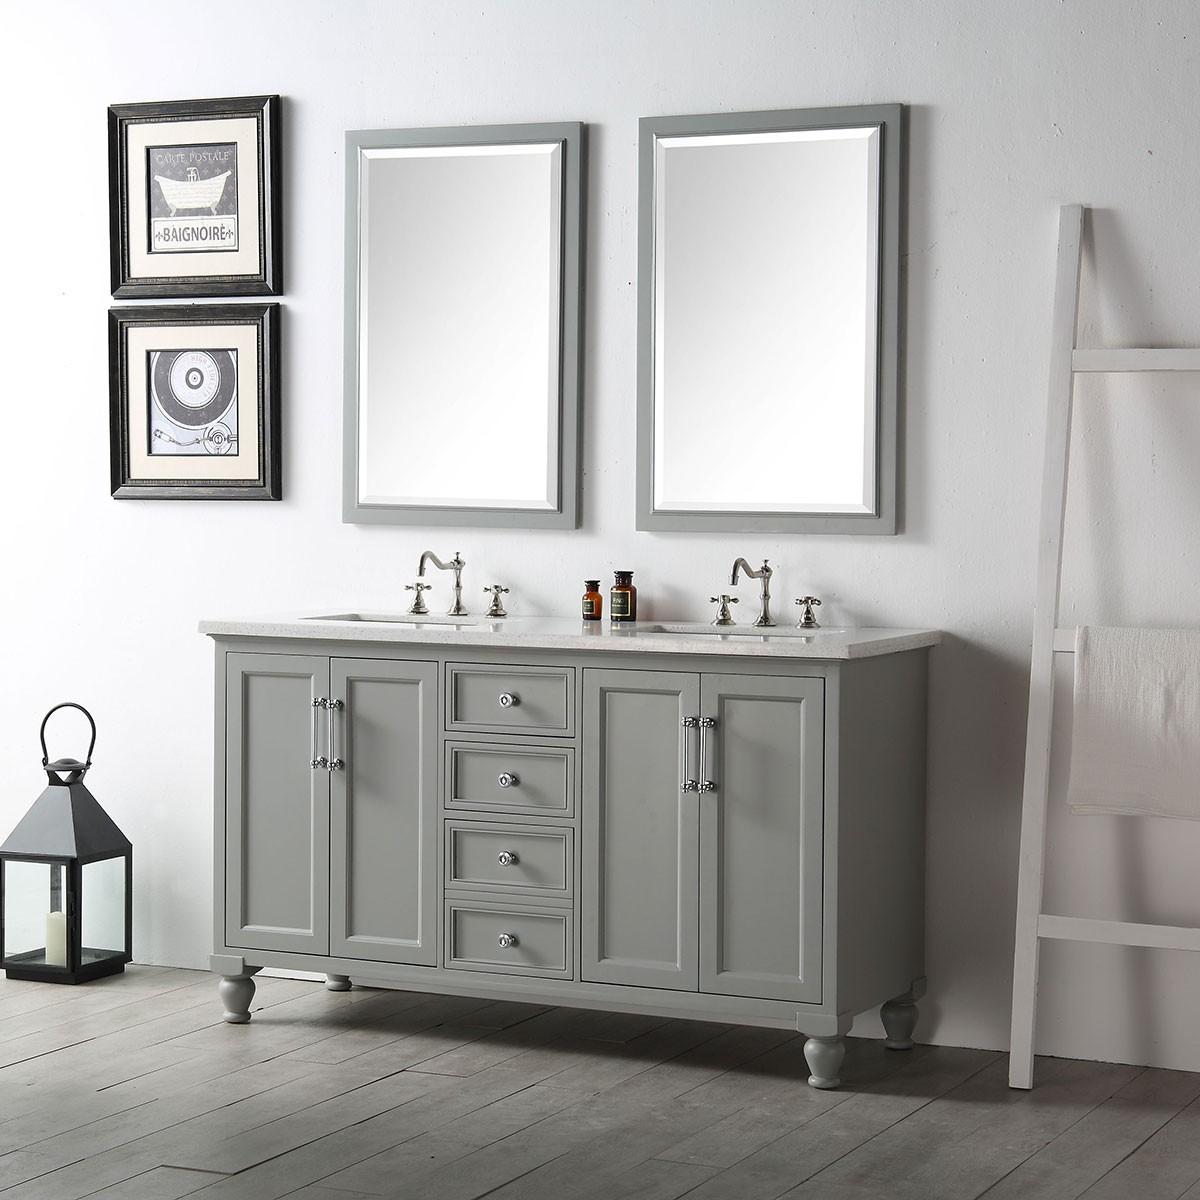 60 In. Bathroom Vanity Set (DK-6560-CG-SET)